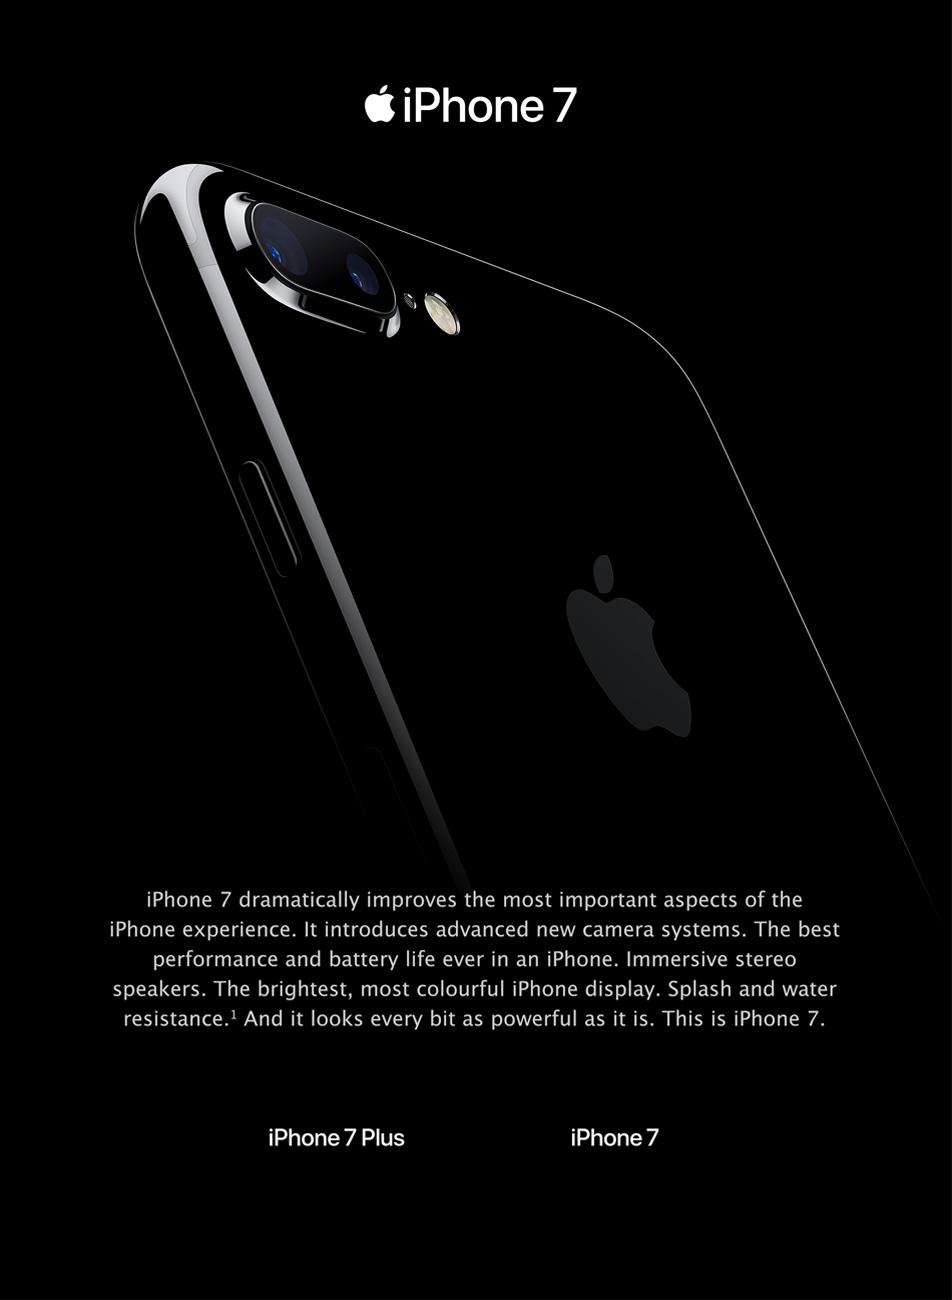 iphone-7-features-desktop-01